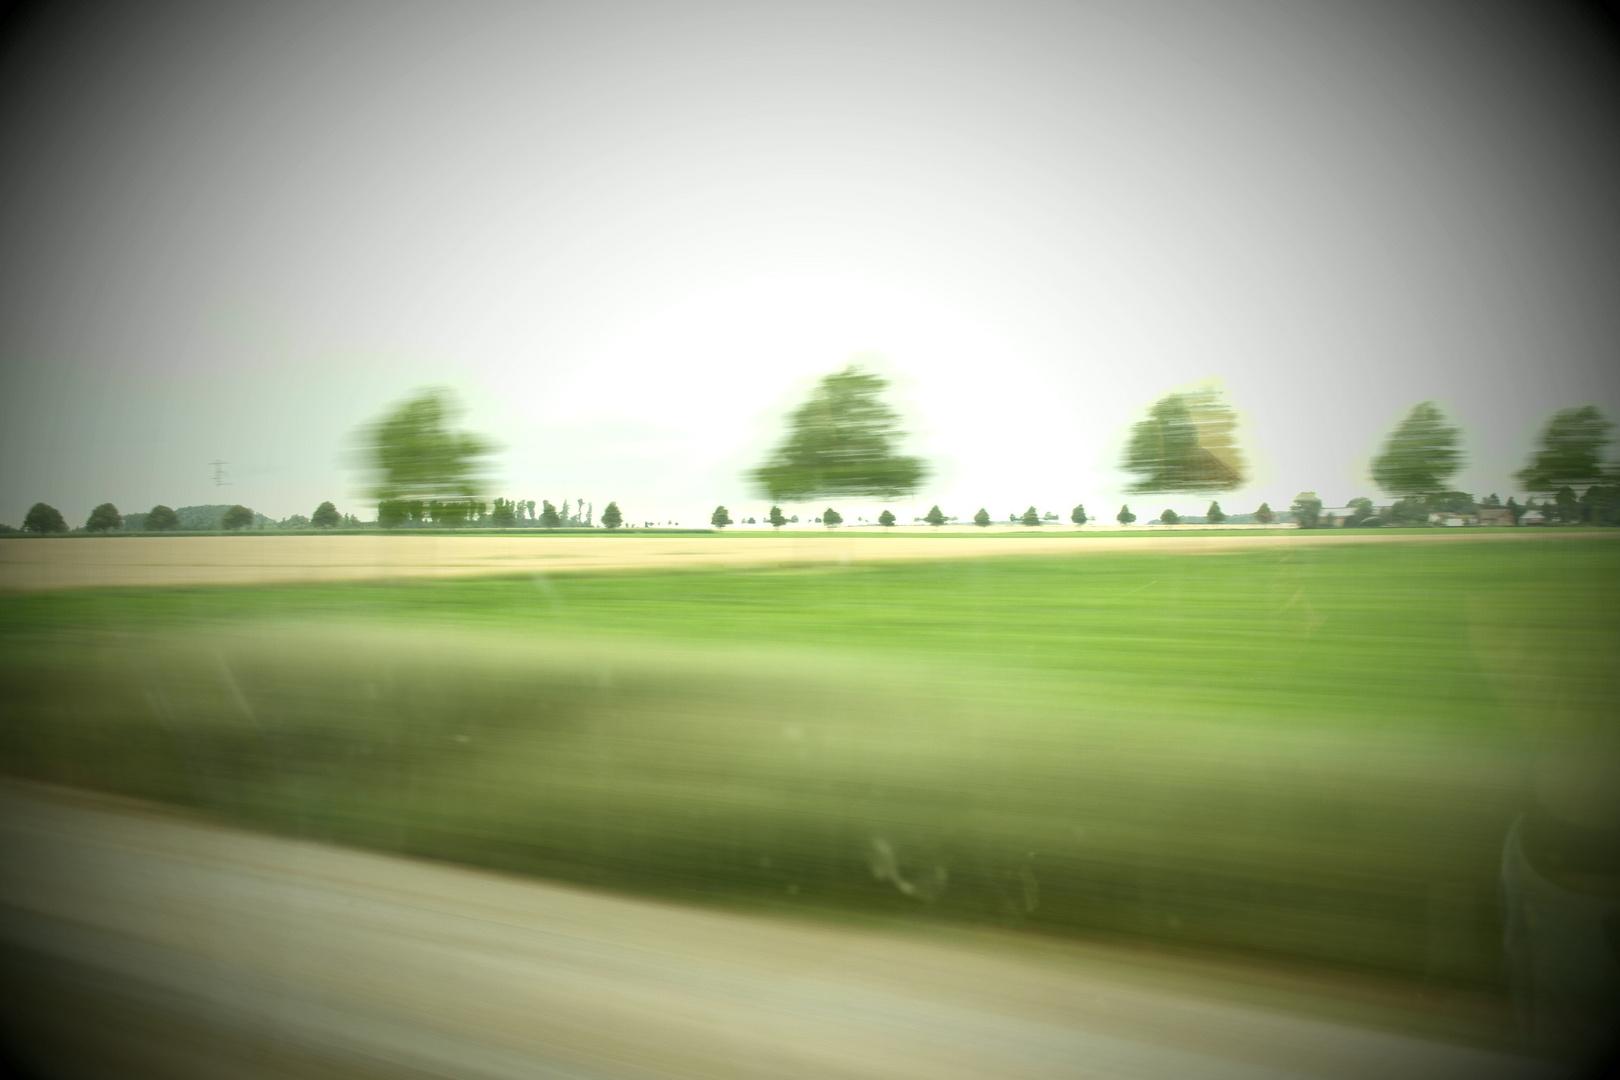 Zugreise mit meiner neuen Kamera erstes gutes Bild